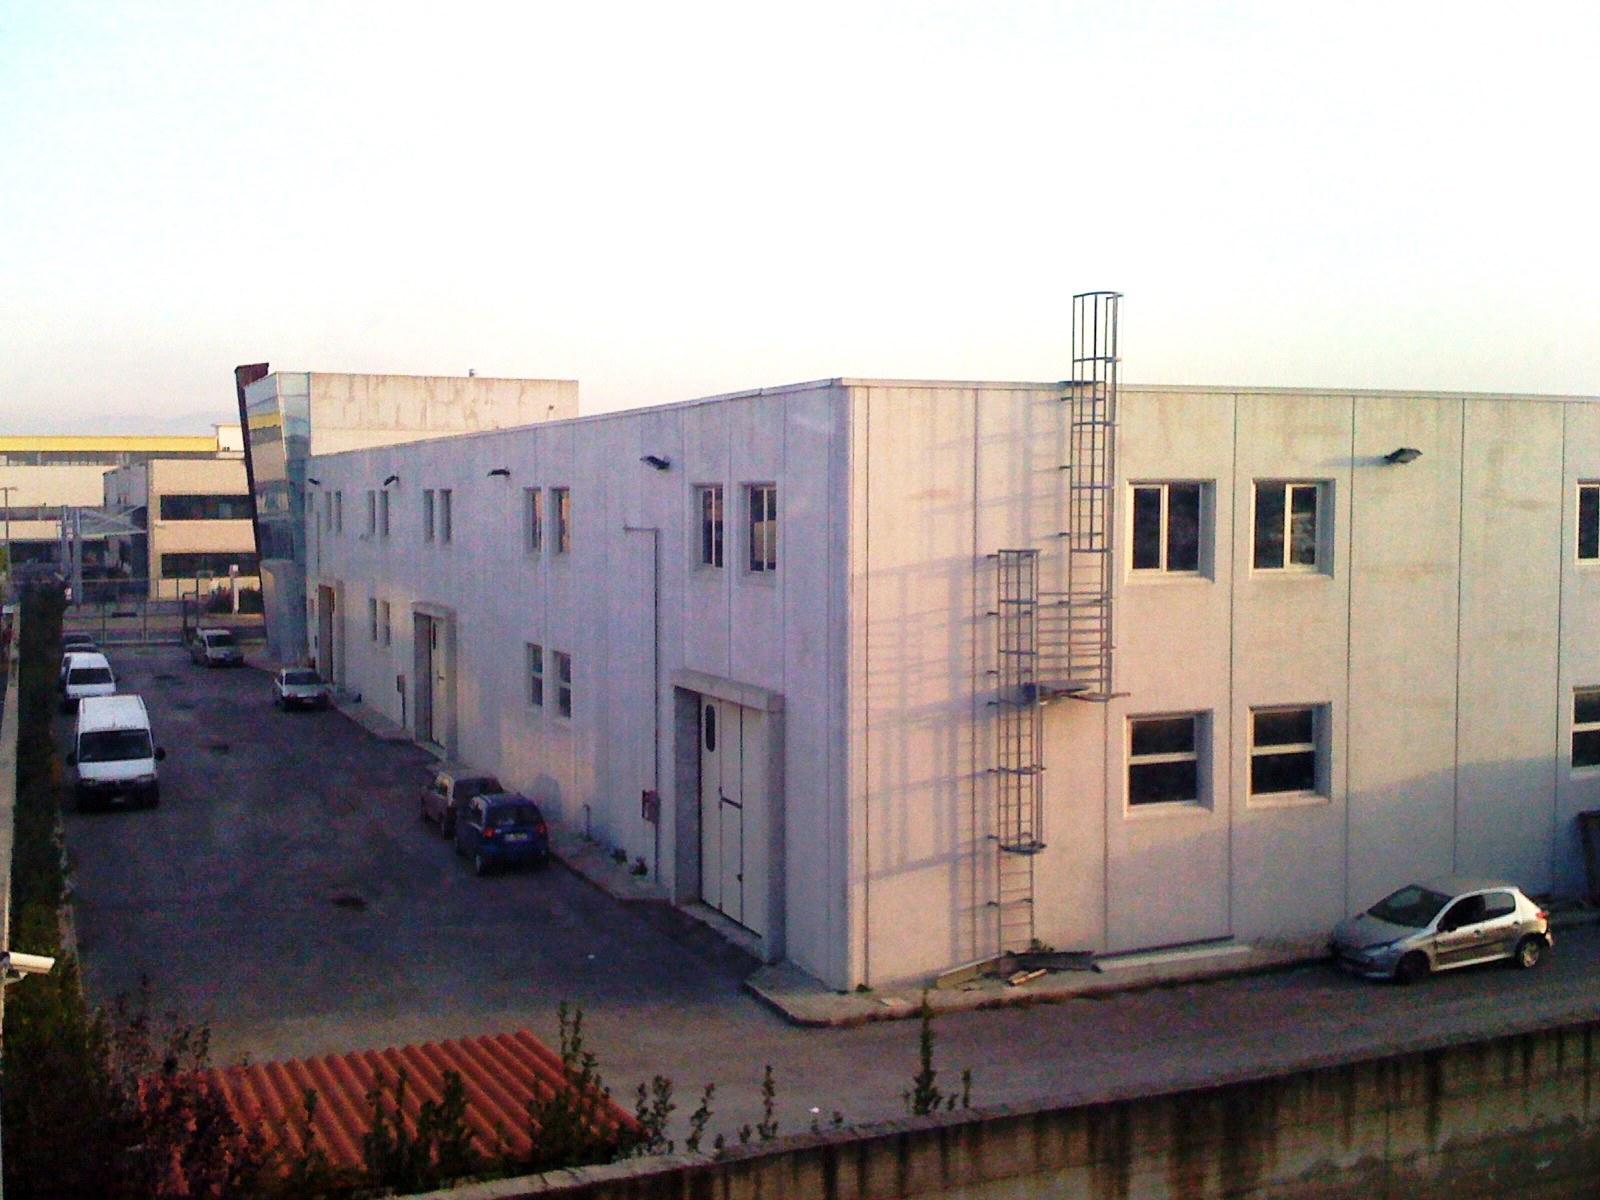 Affitto capannone/magazzino Napoli